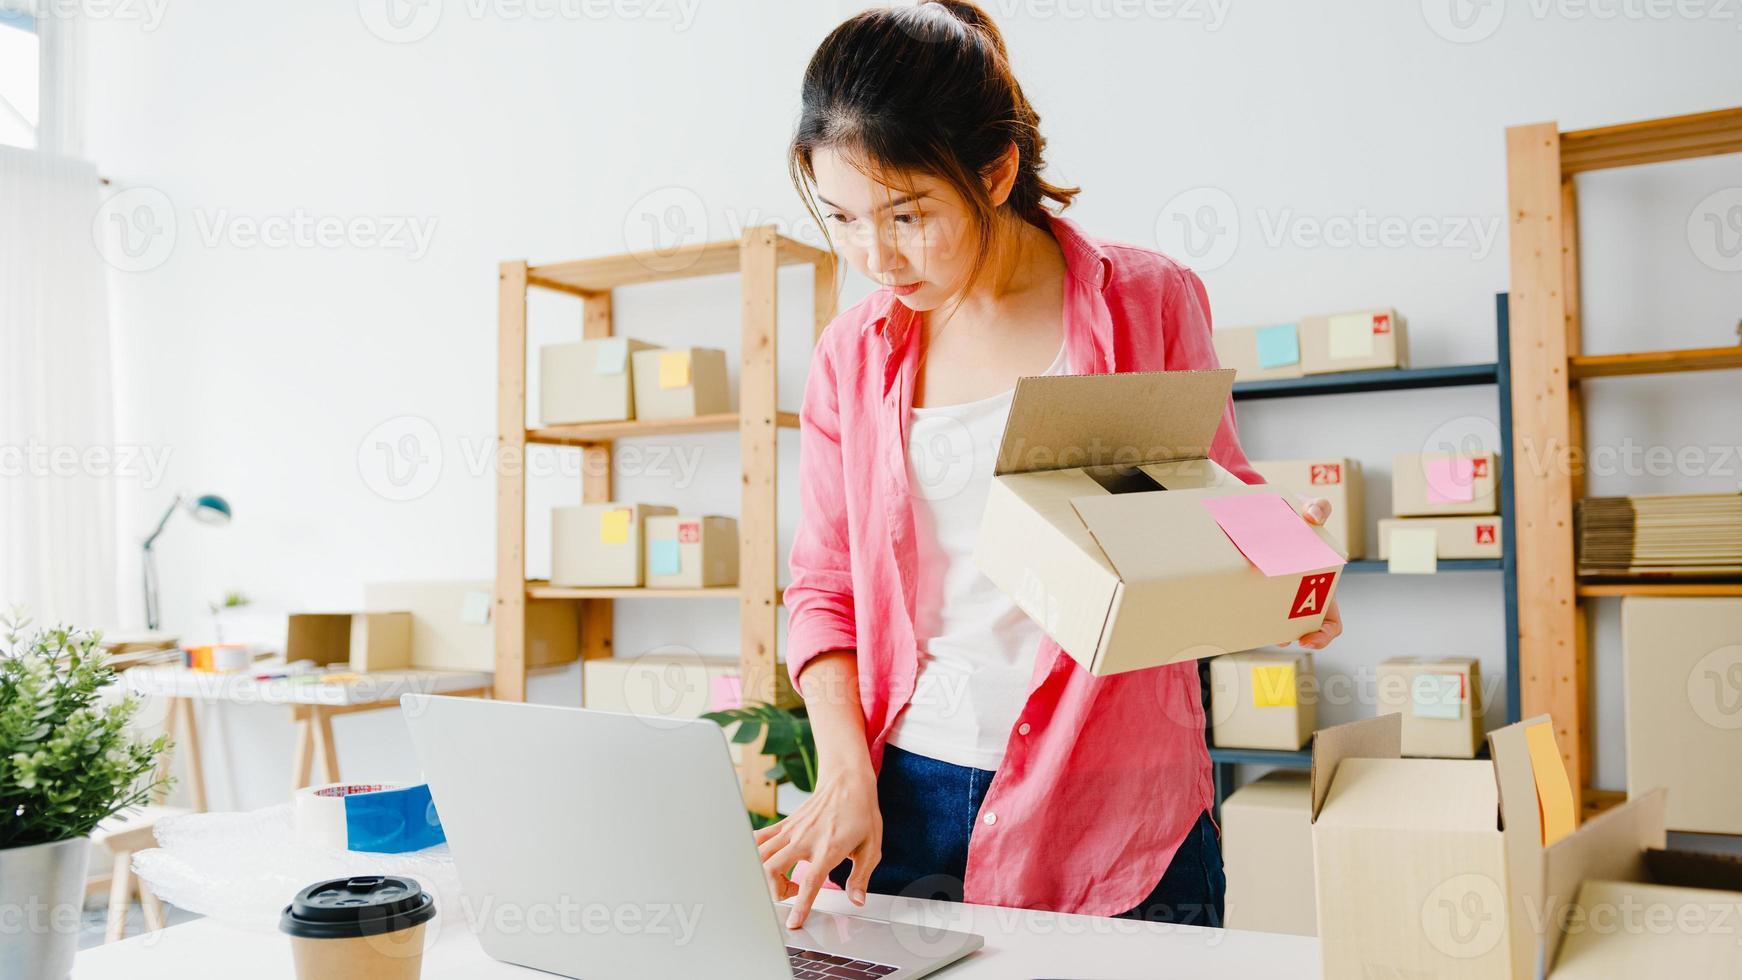 jovem ásia empresário empresária verificar o pedido de compra do produto em estoque e salvar no trabalho do laptop do computador no escritório doméstico. proprietário de uma pequena empresa, entrega de mercado online, conceito freelance de estilo de vida. foto